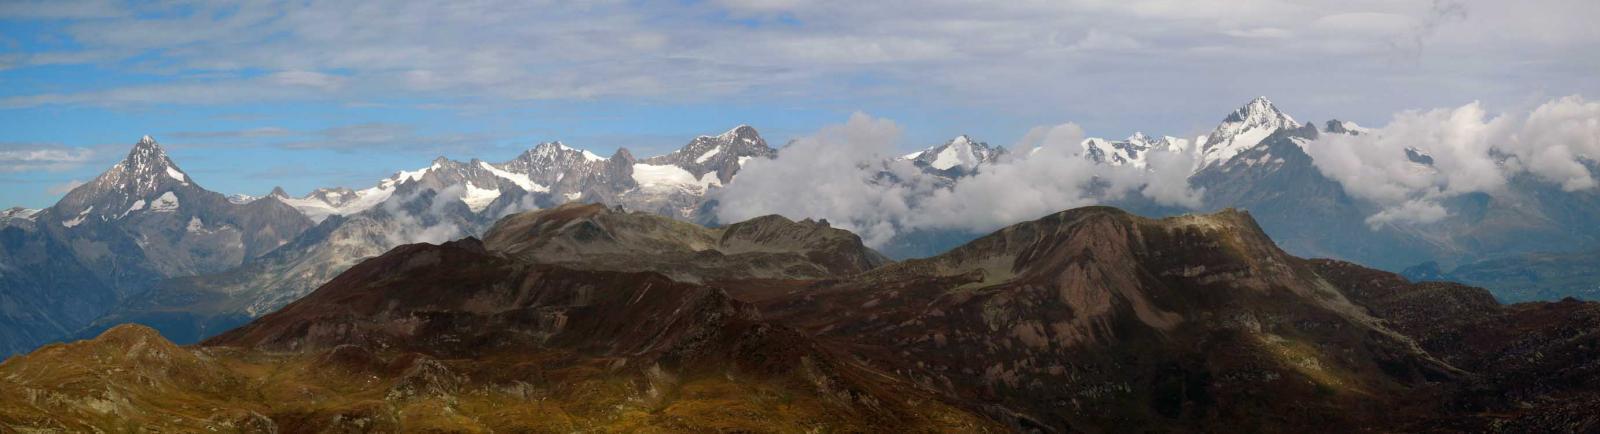 a sinistra il bietschorn e a destra le cime dell'oberland